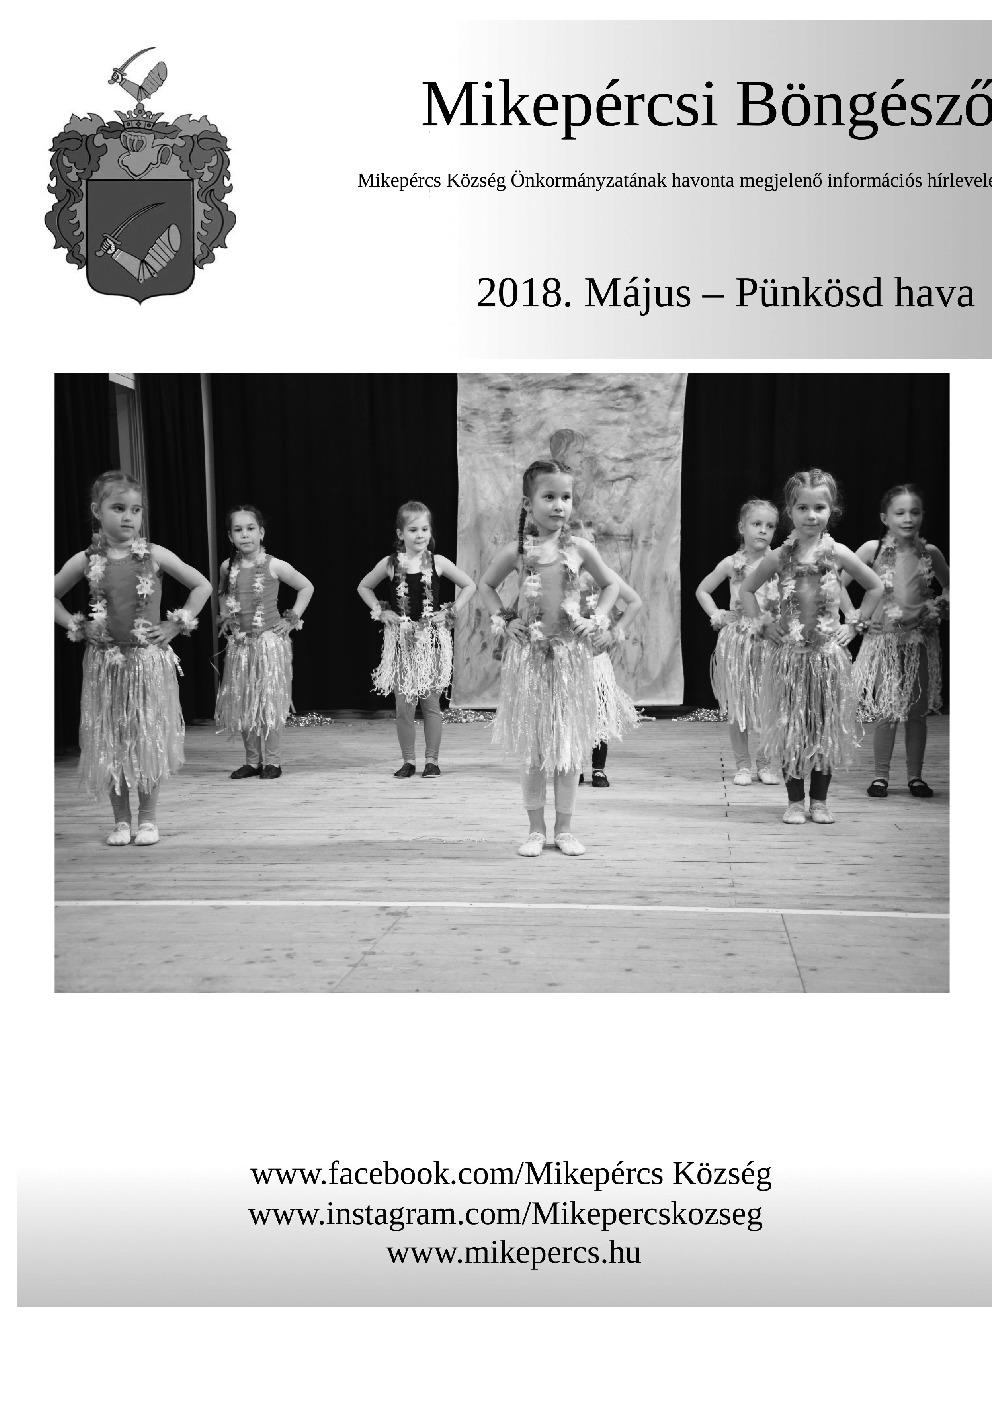 Mikepércsi Böngésző 2018. Május